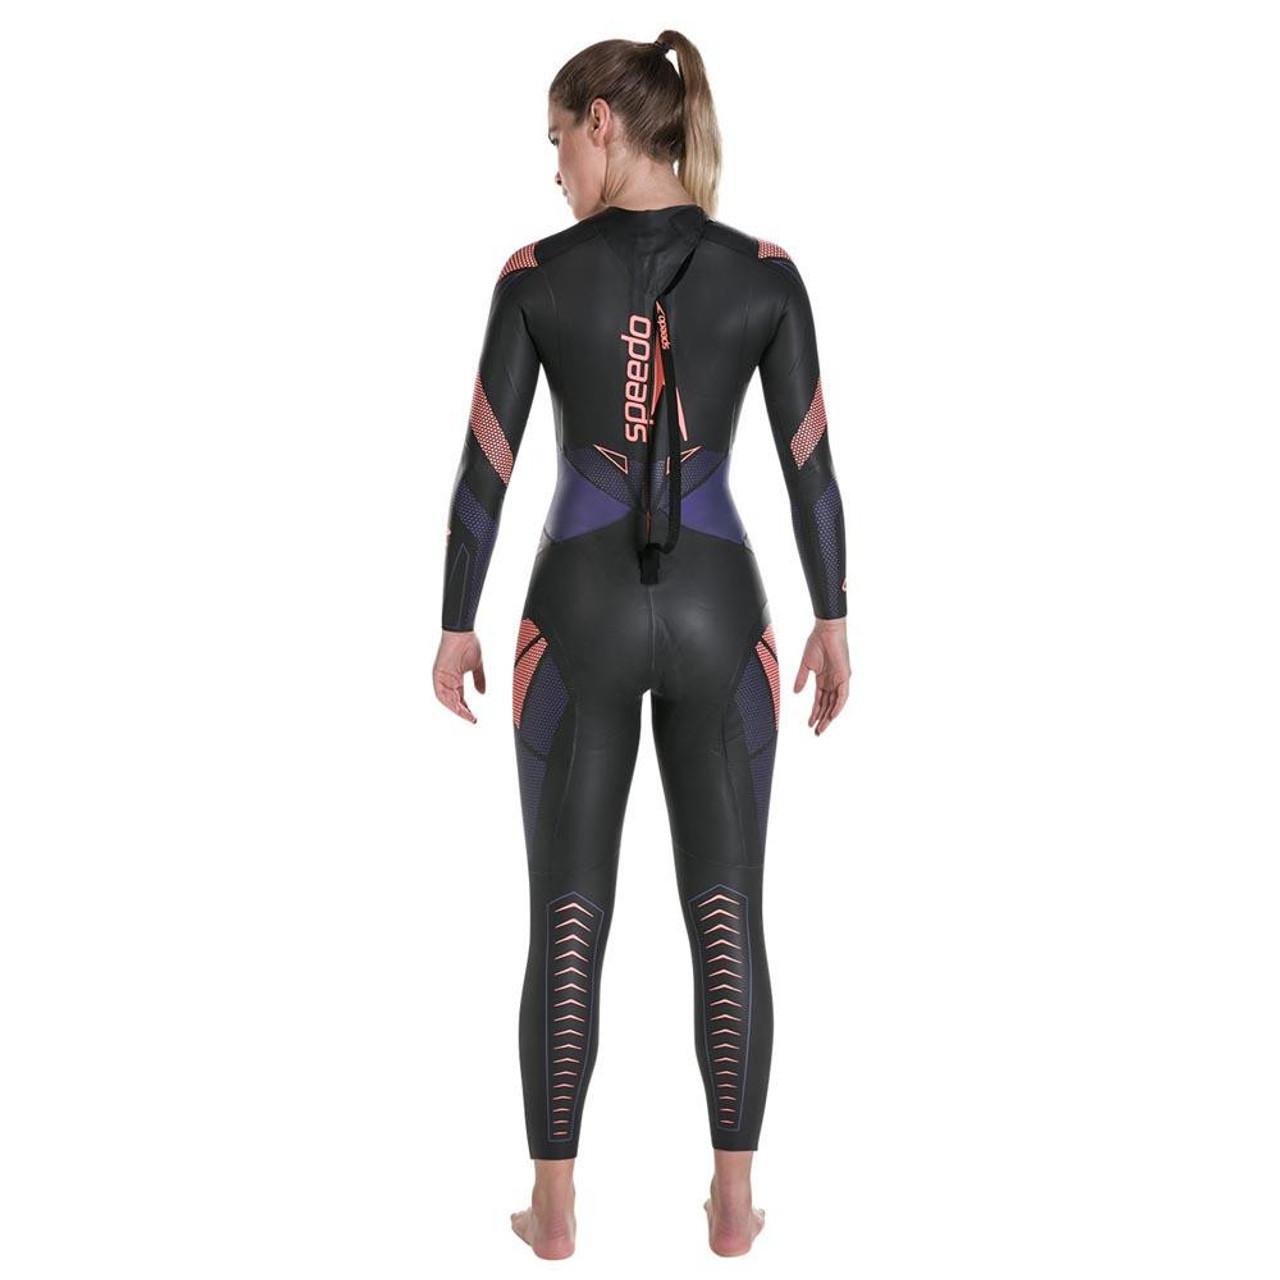 ... Speedo Women s Fastskin Xenon Full Sleeve Wetsuit - Back 2c92c9780